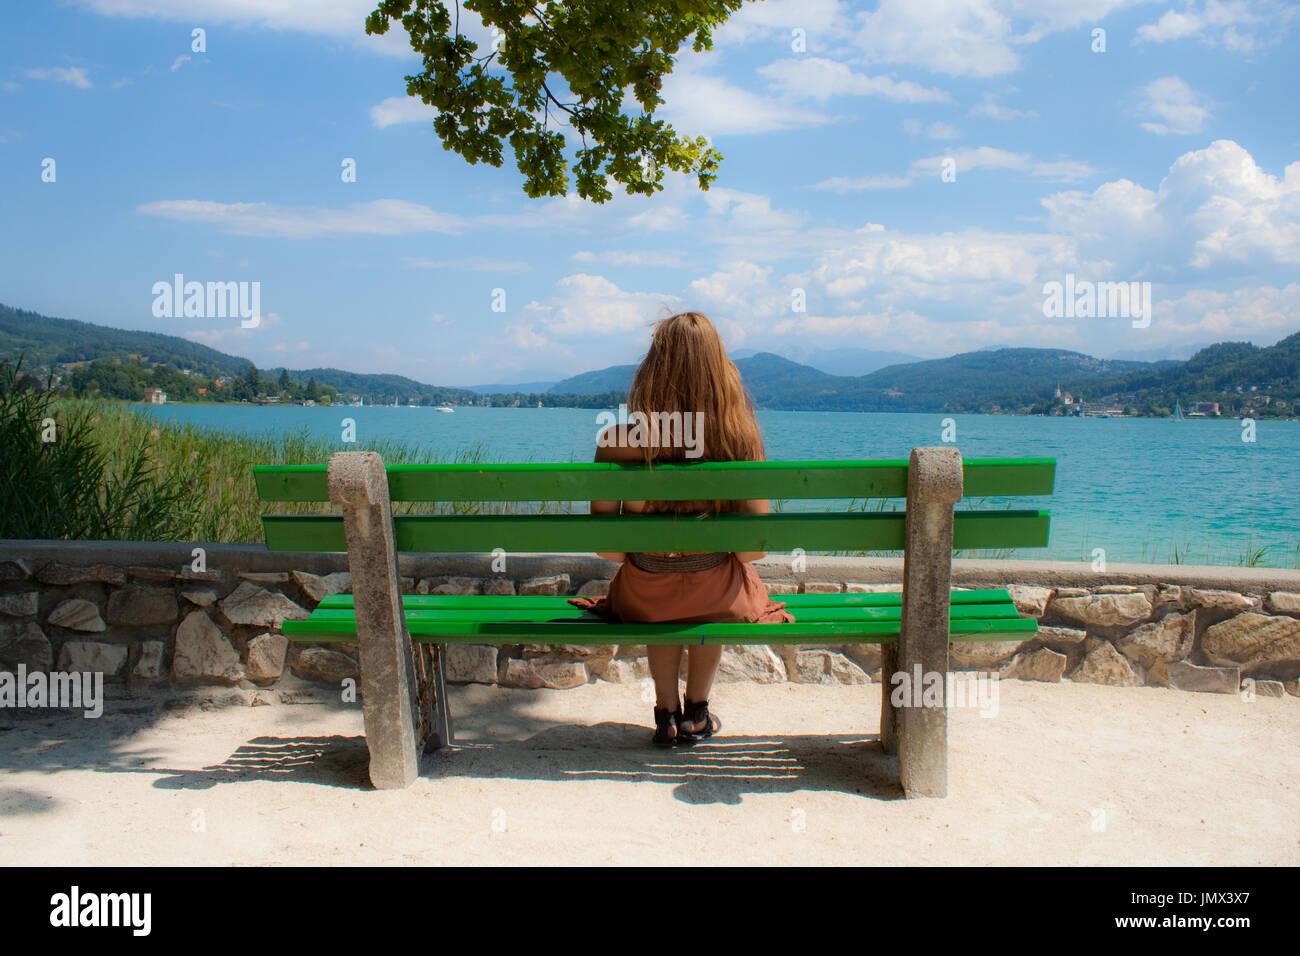 Una donna sola godendo di un bellissimo paesaggio presso il lago Wörthersee, Austria. Immagini Stock